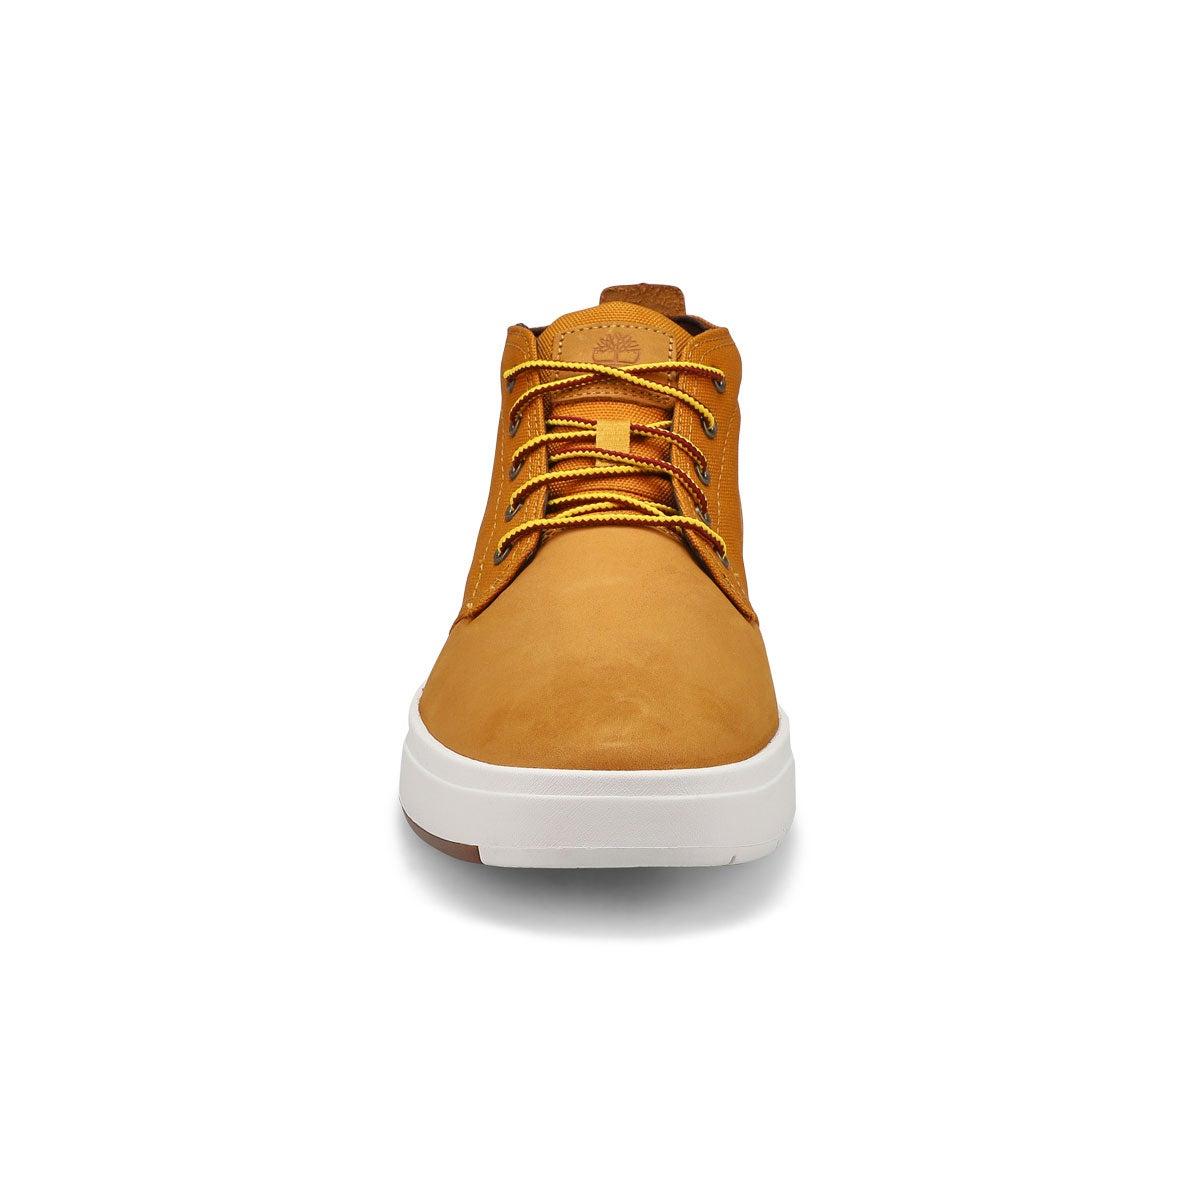 Men's Davis Square Chukka Boot - Wheat